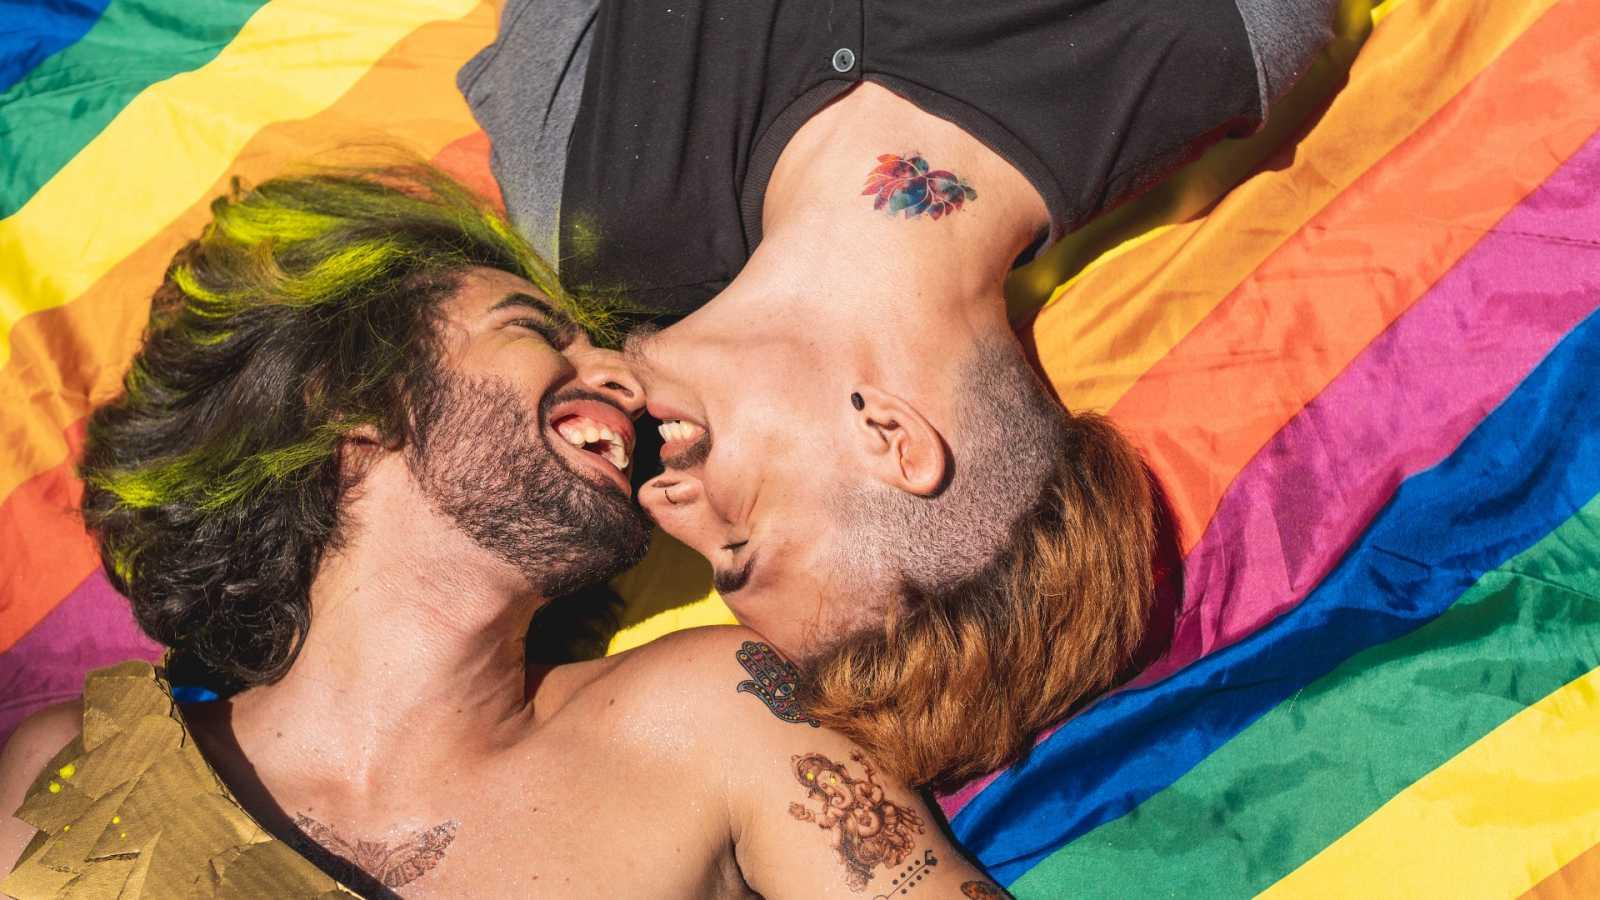 Día Internacional contra la Homofobia: todavía 69 estados persiguen las relaciones entre personas del mismo sexo